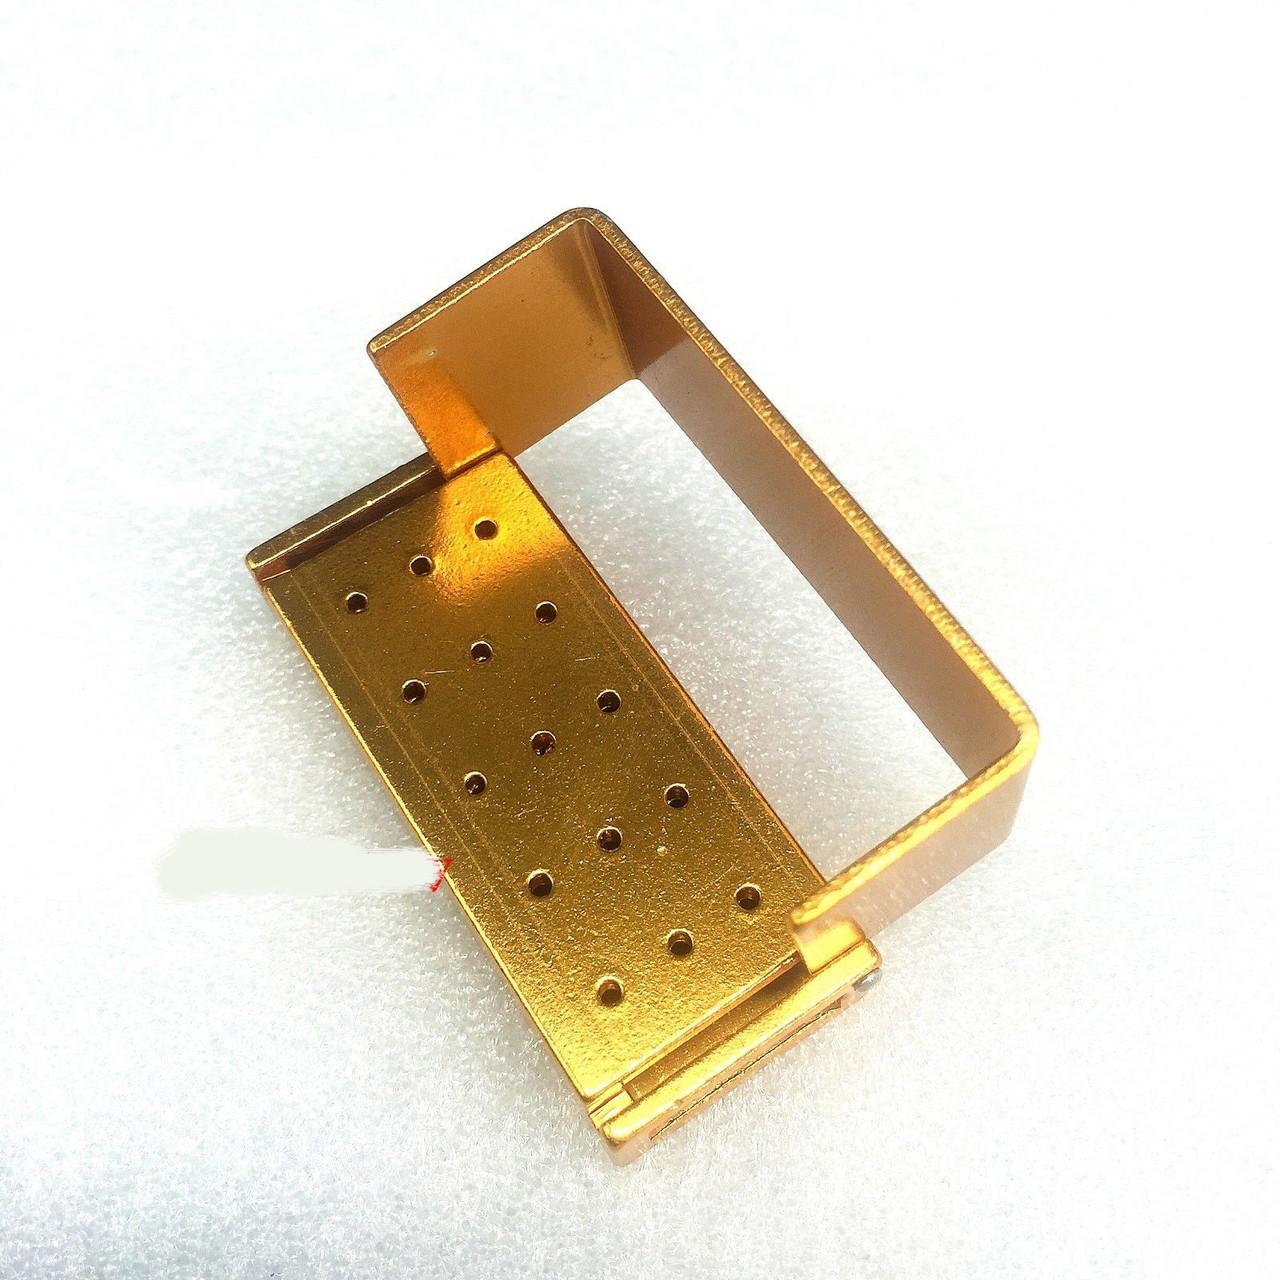 Контейнер для боров B004a, 15 отверстий (желтый)